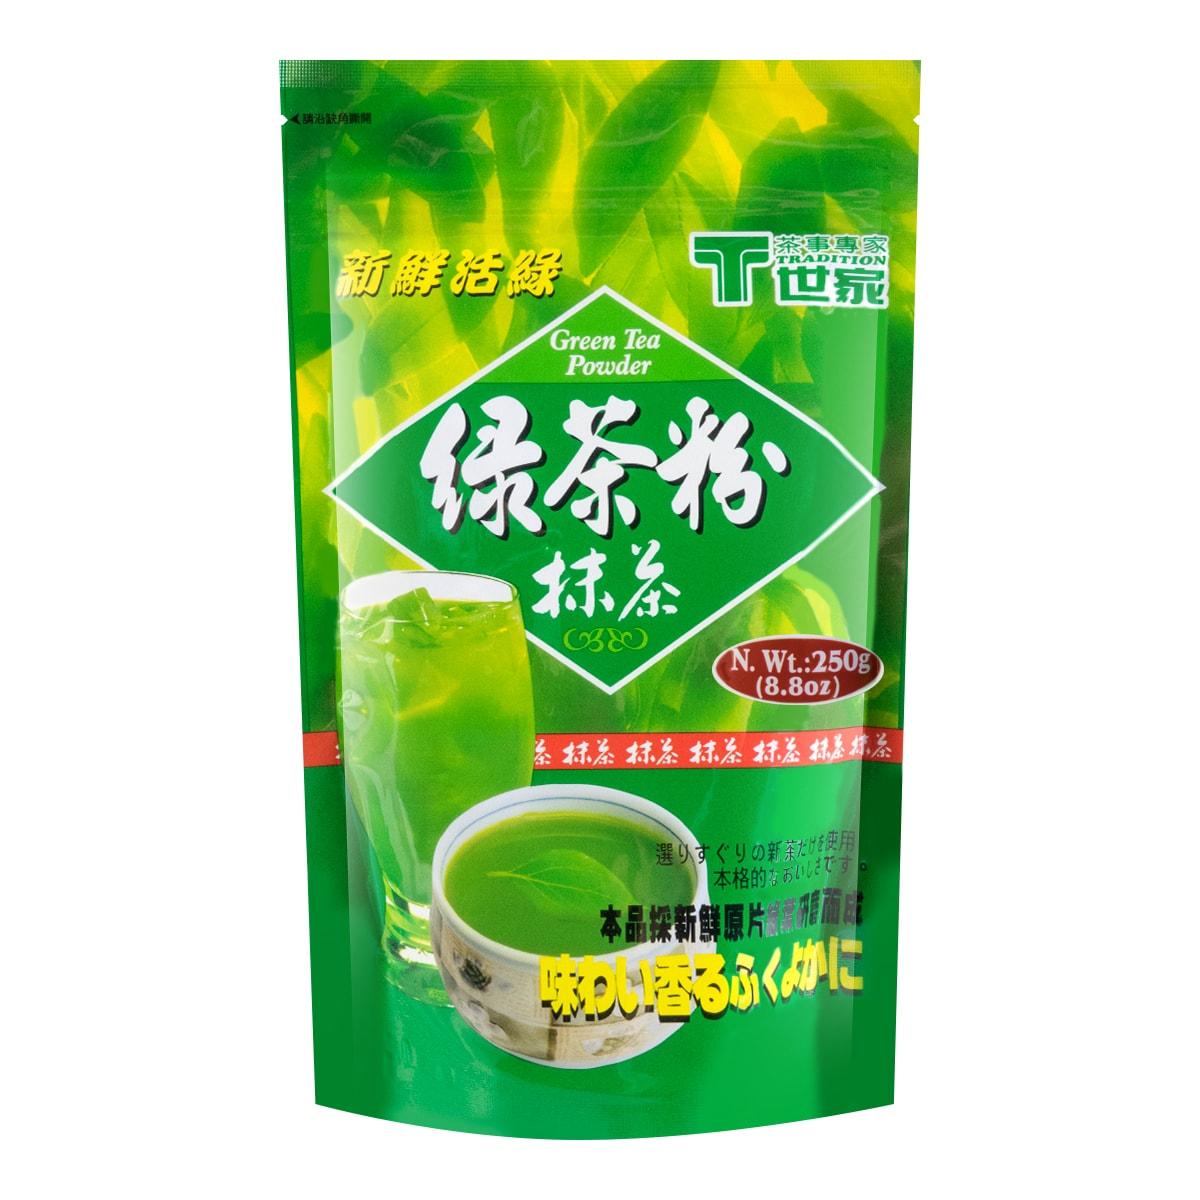 【清仓】台湾世家 新鲜活绿 绿茶抹茶粉 250g